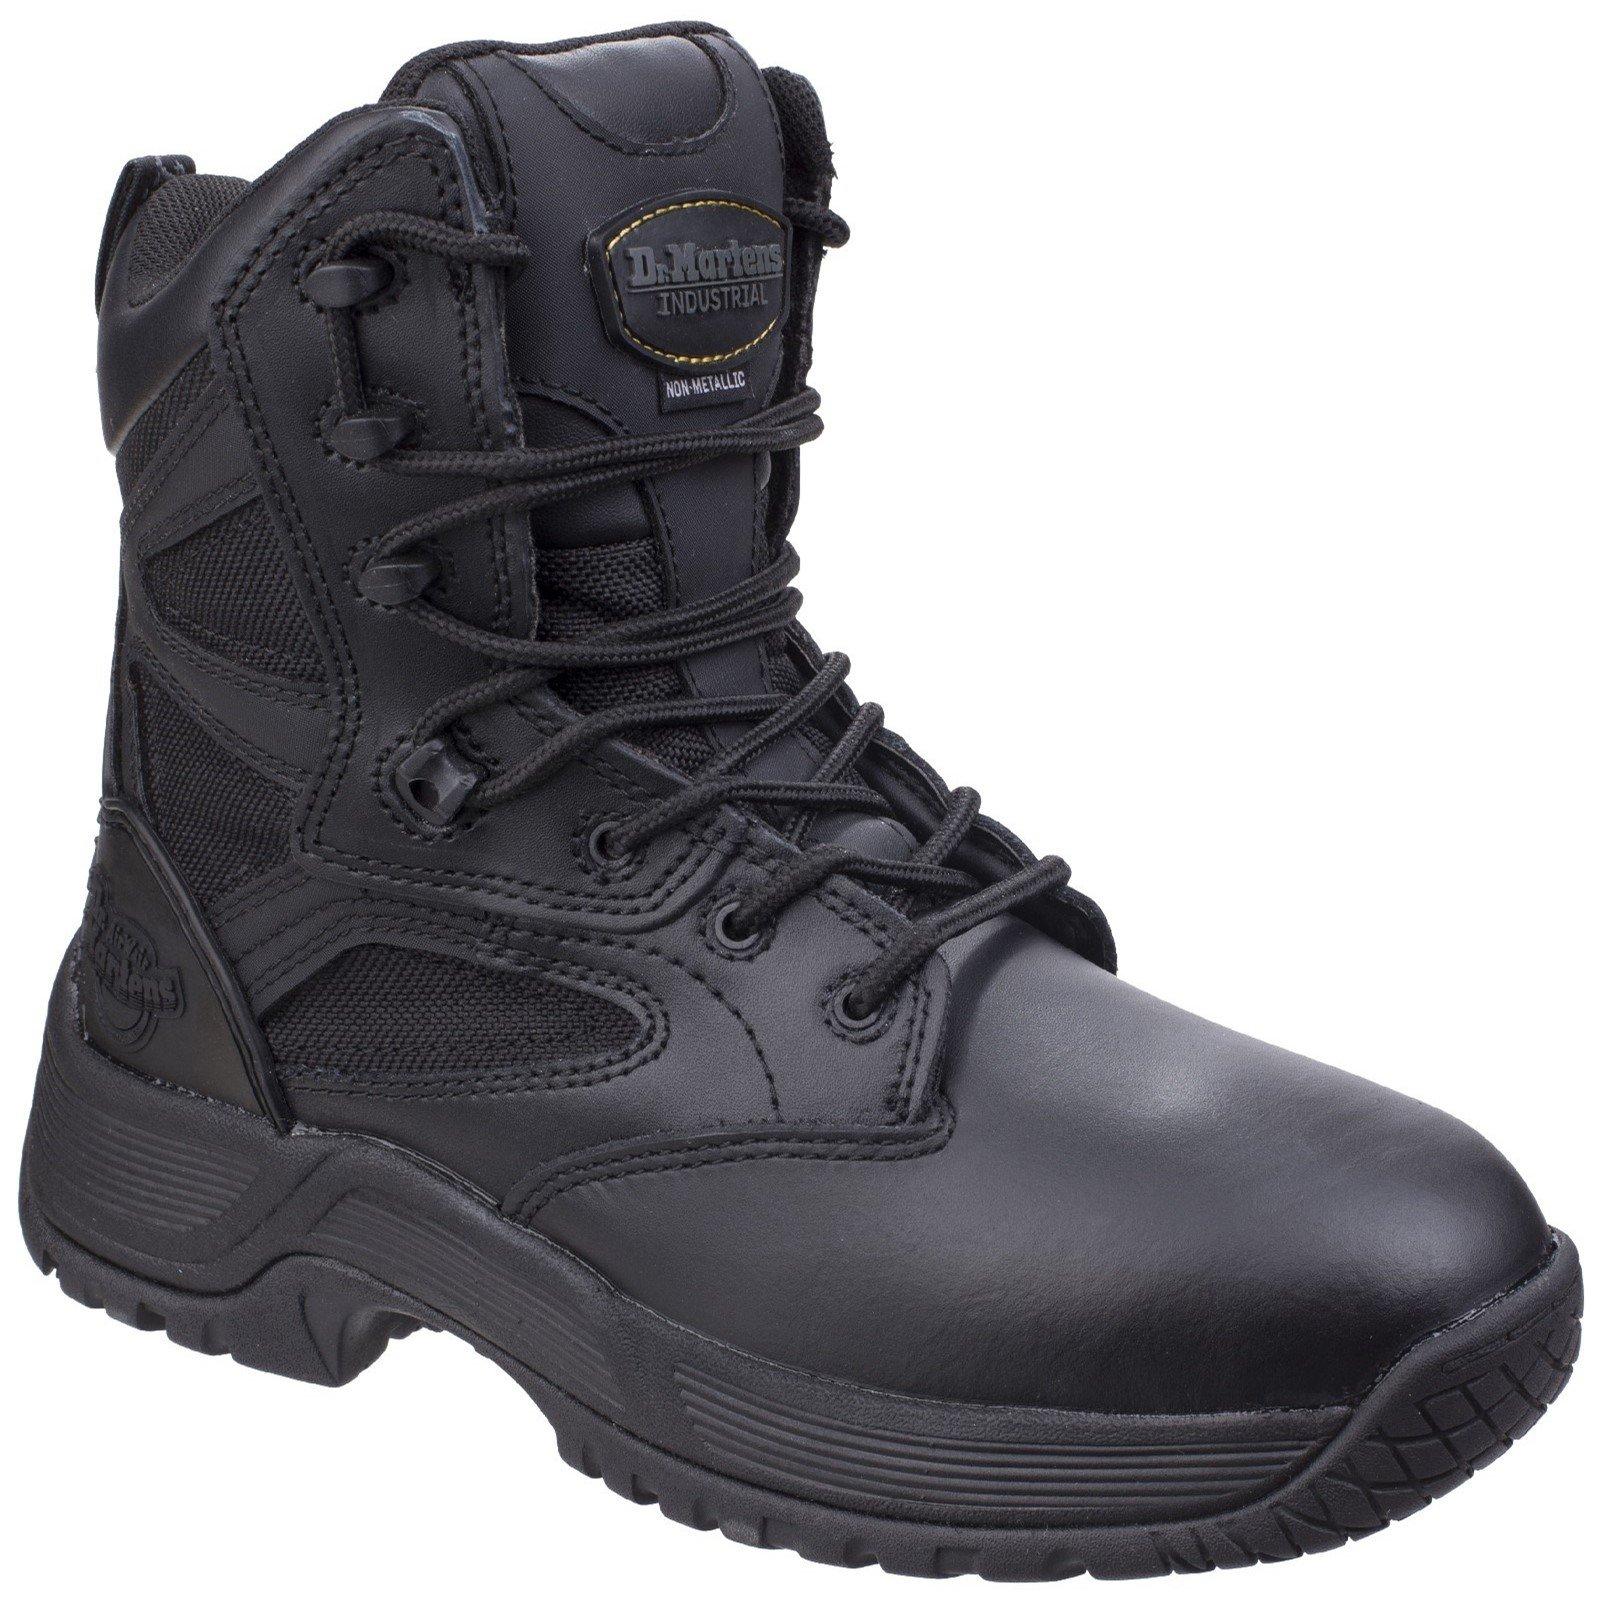 Dr Martens Unisex Skelton Service Boot Black 26028 - Black 12